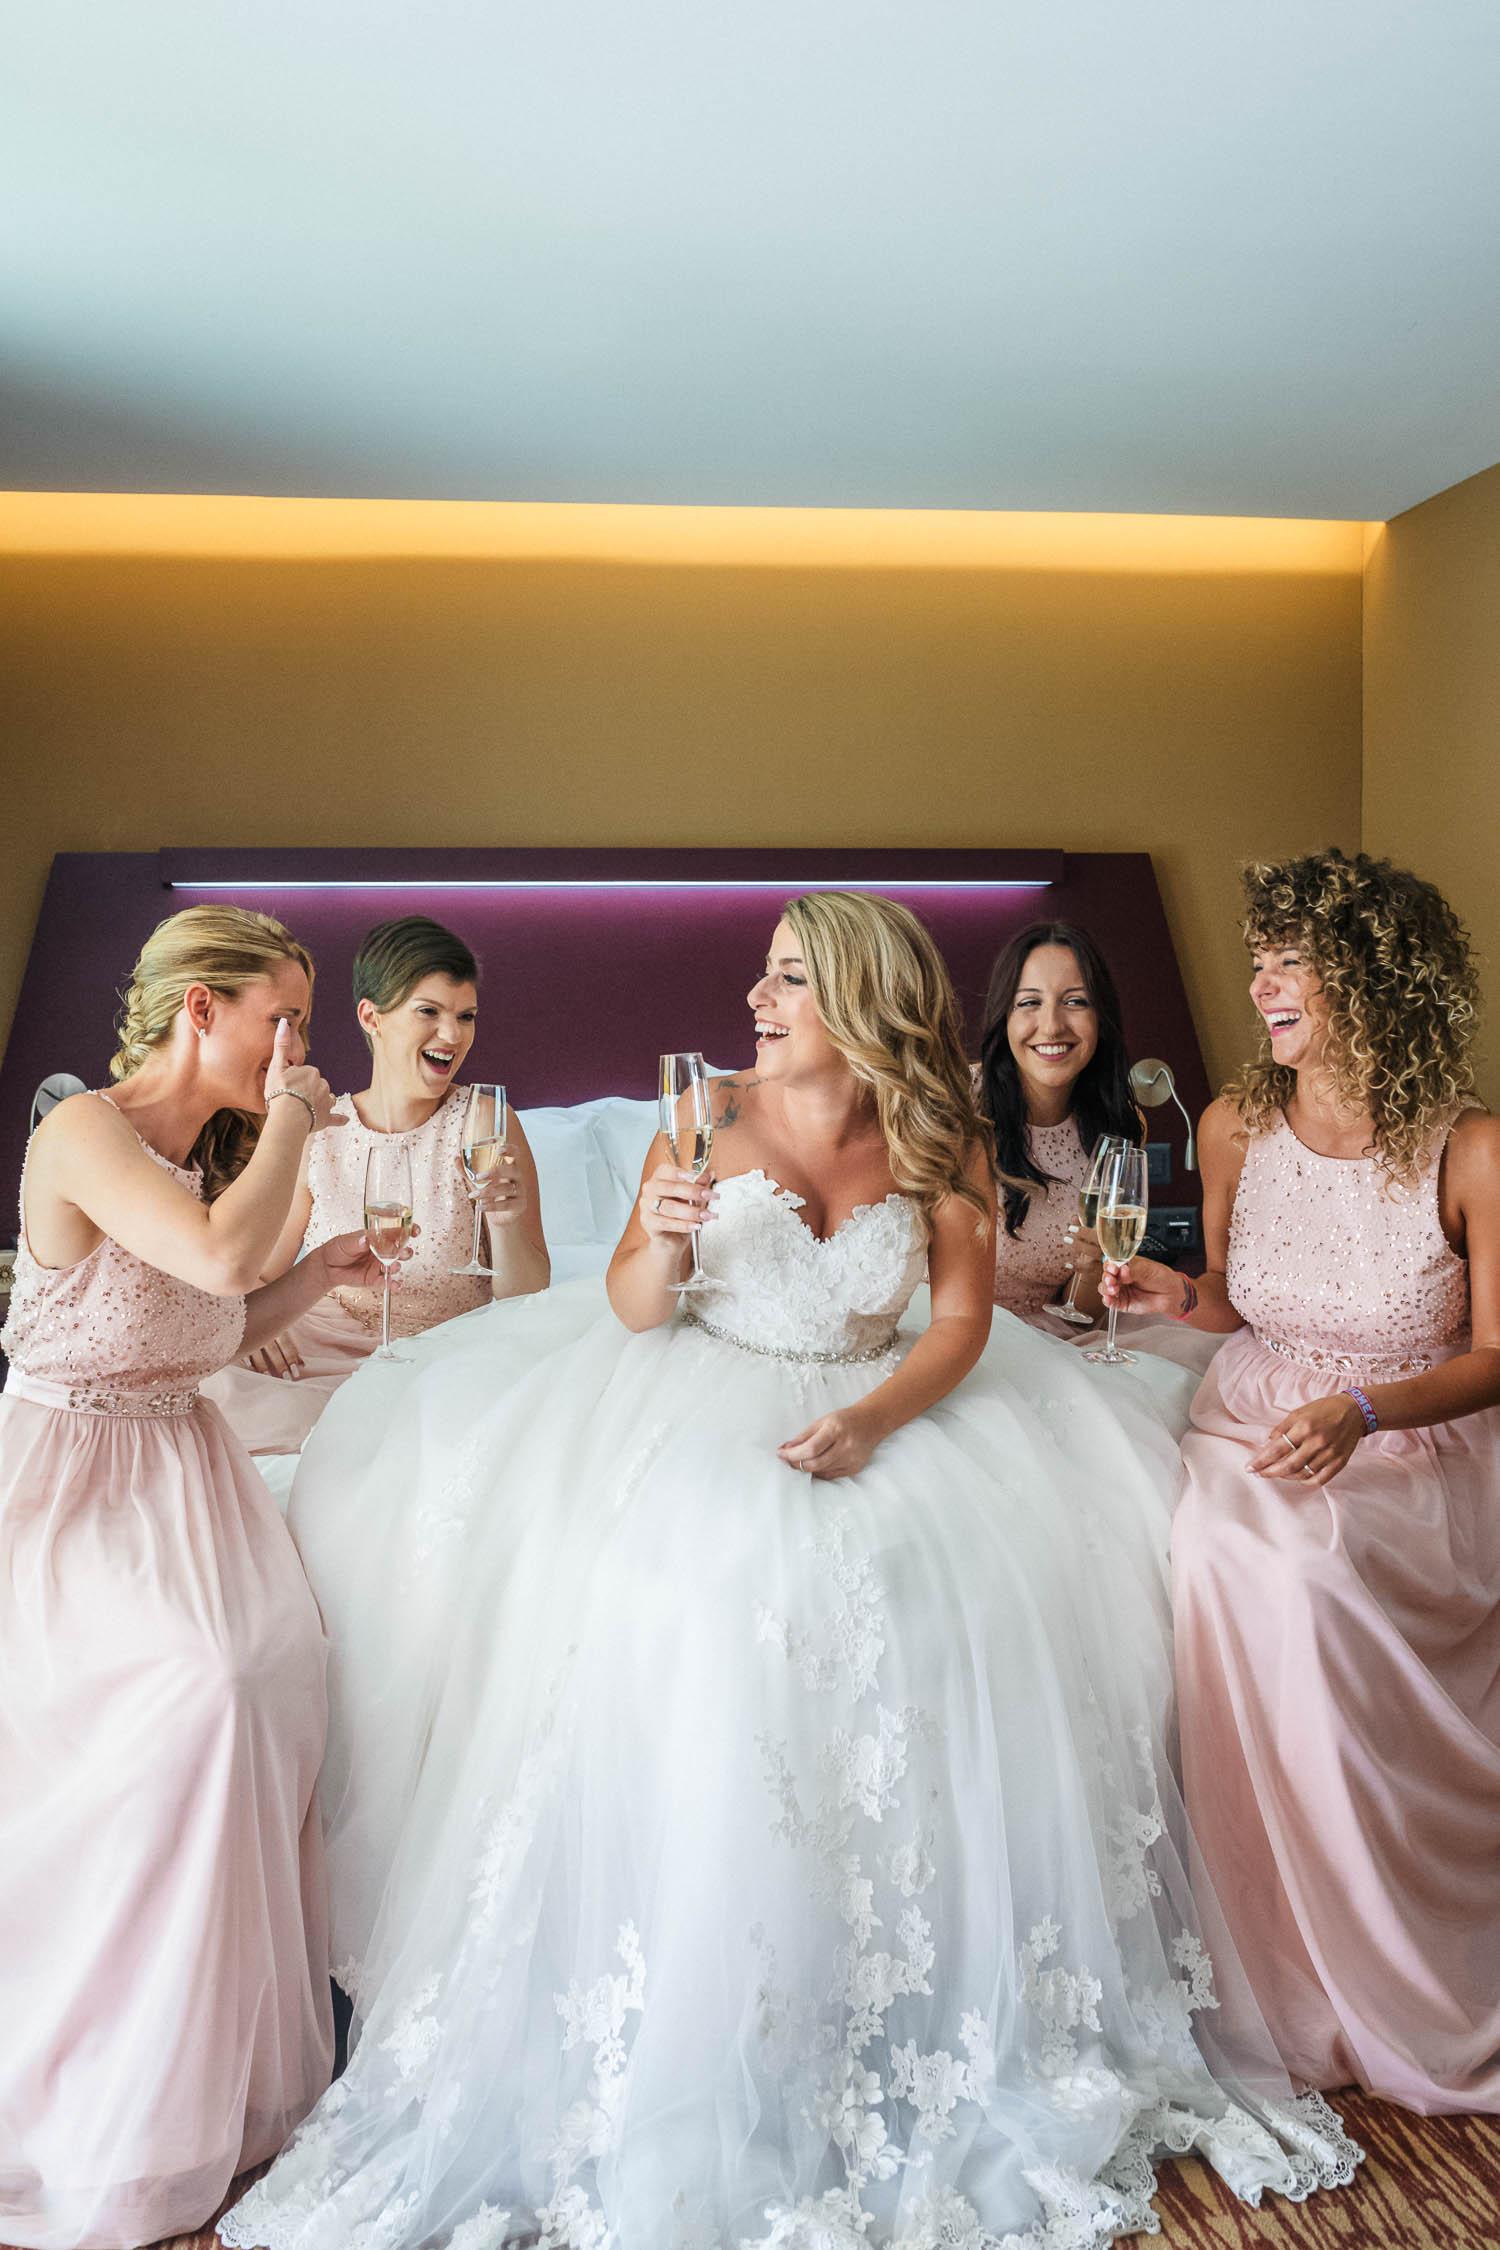 Getting Ready mit den Bridesmaids